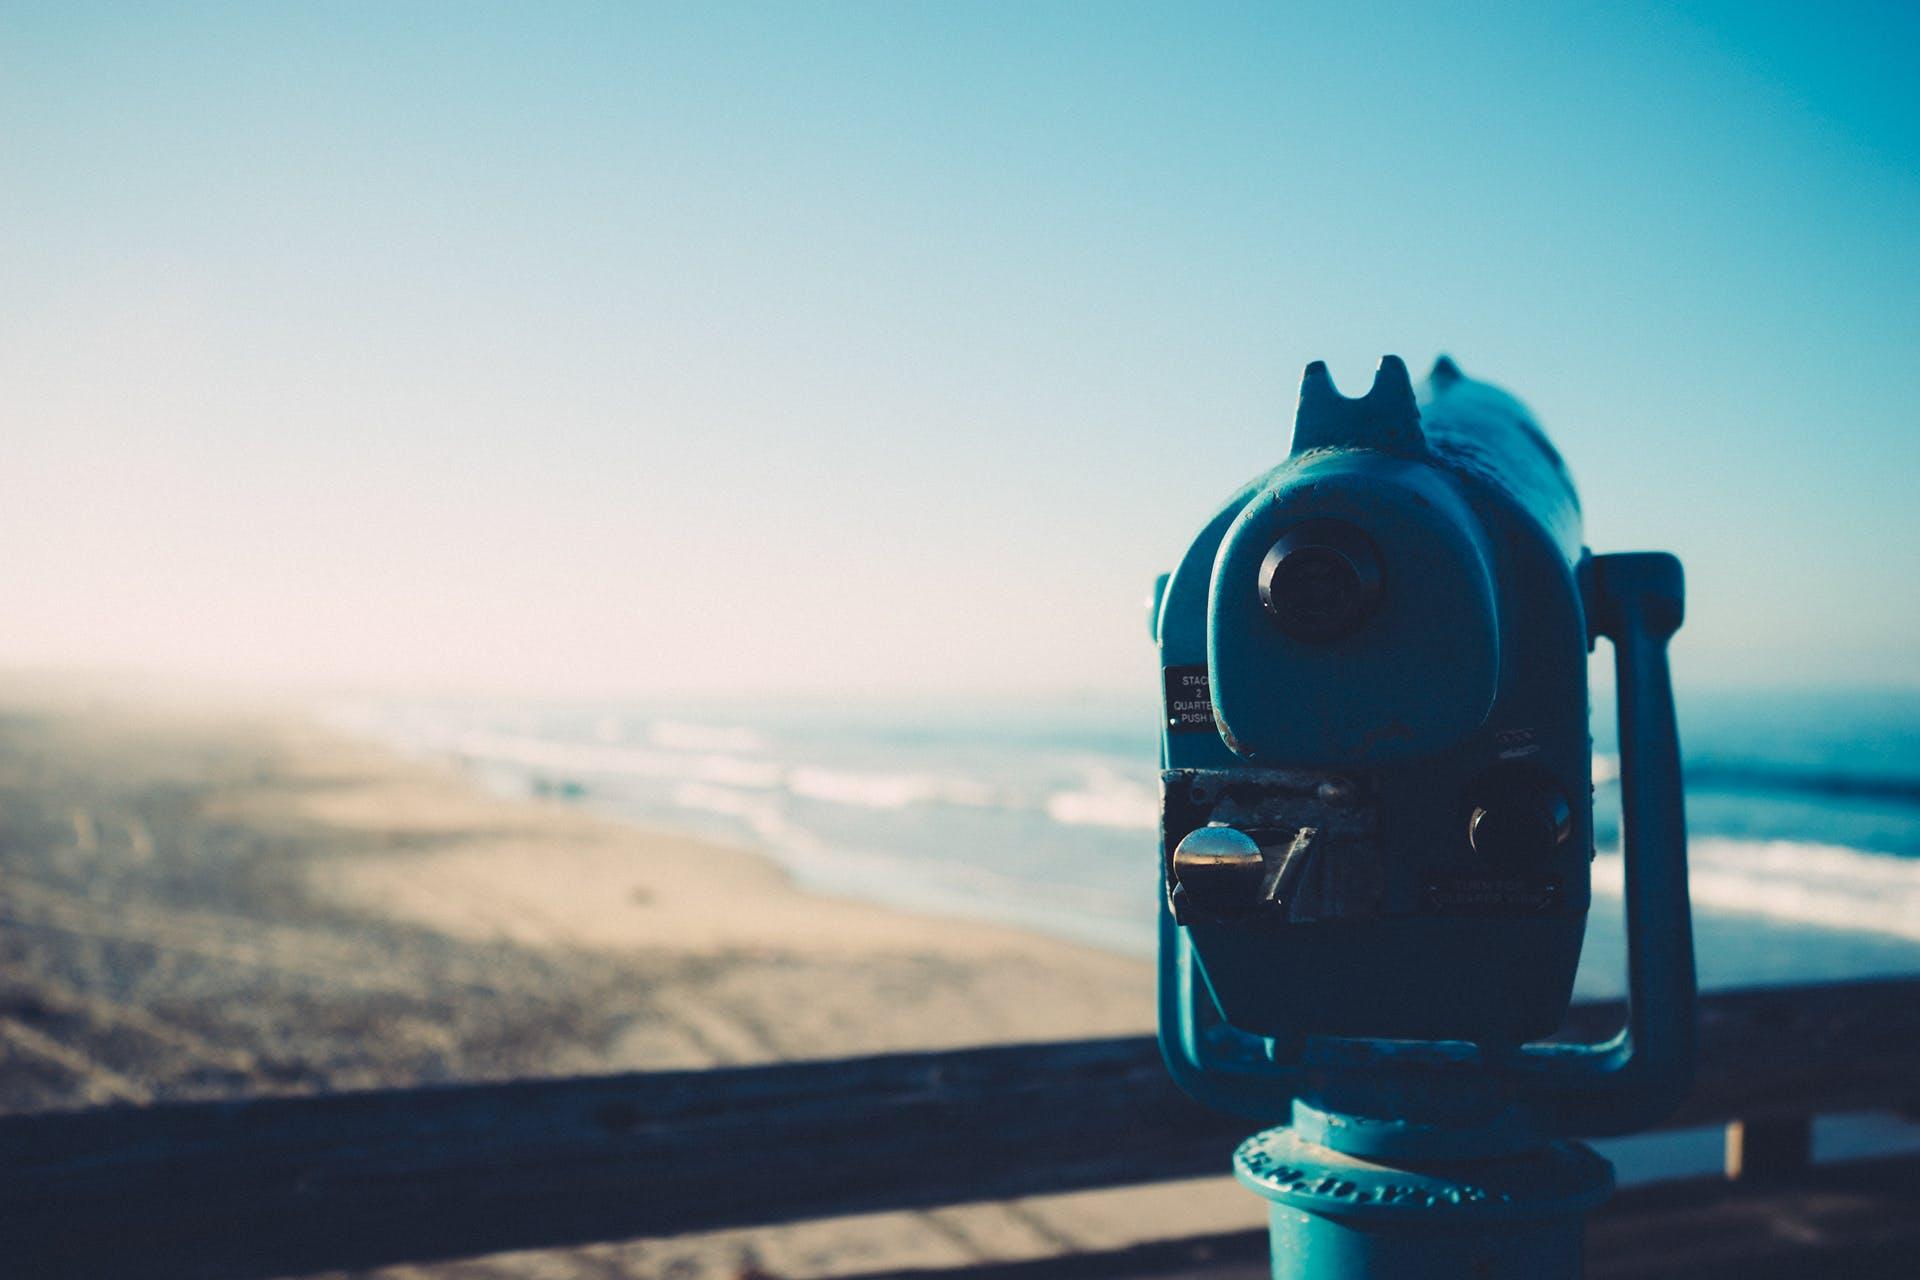 binoculars, telescope, view